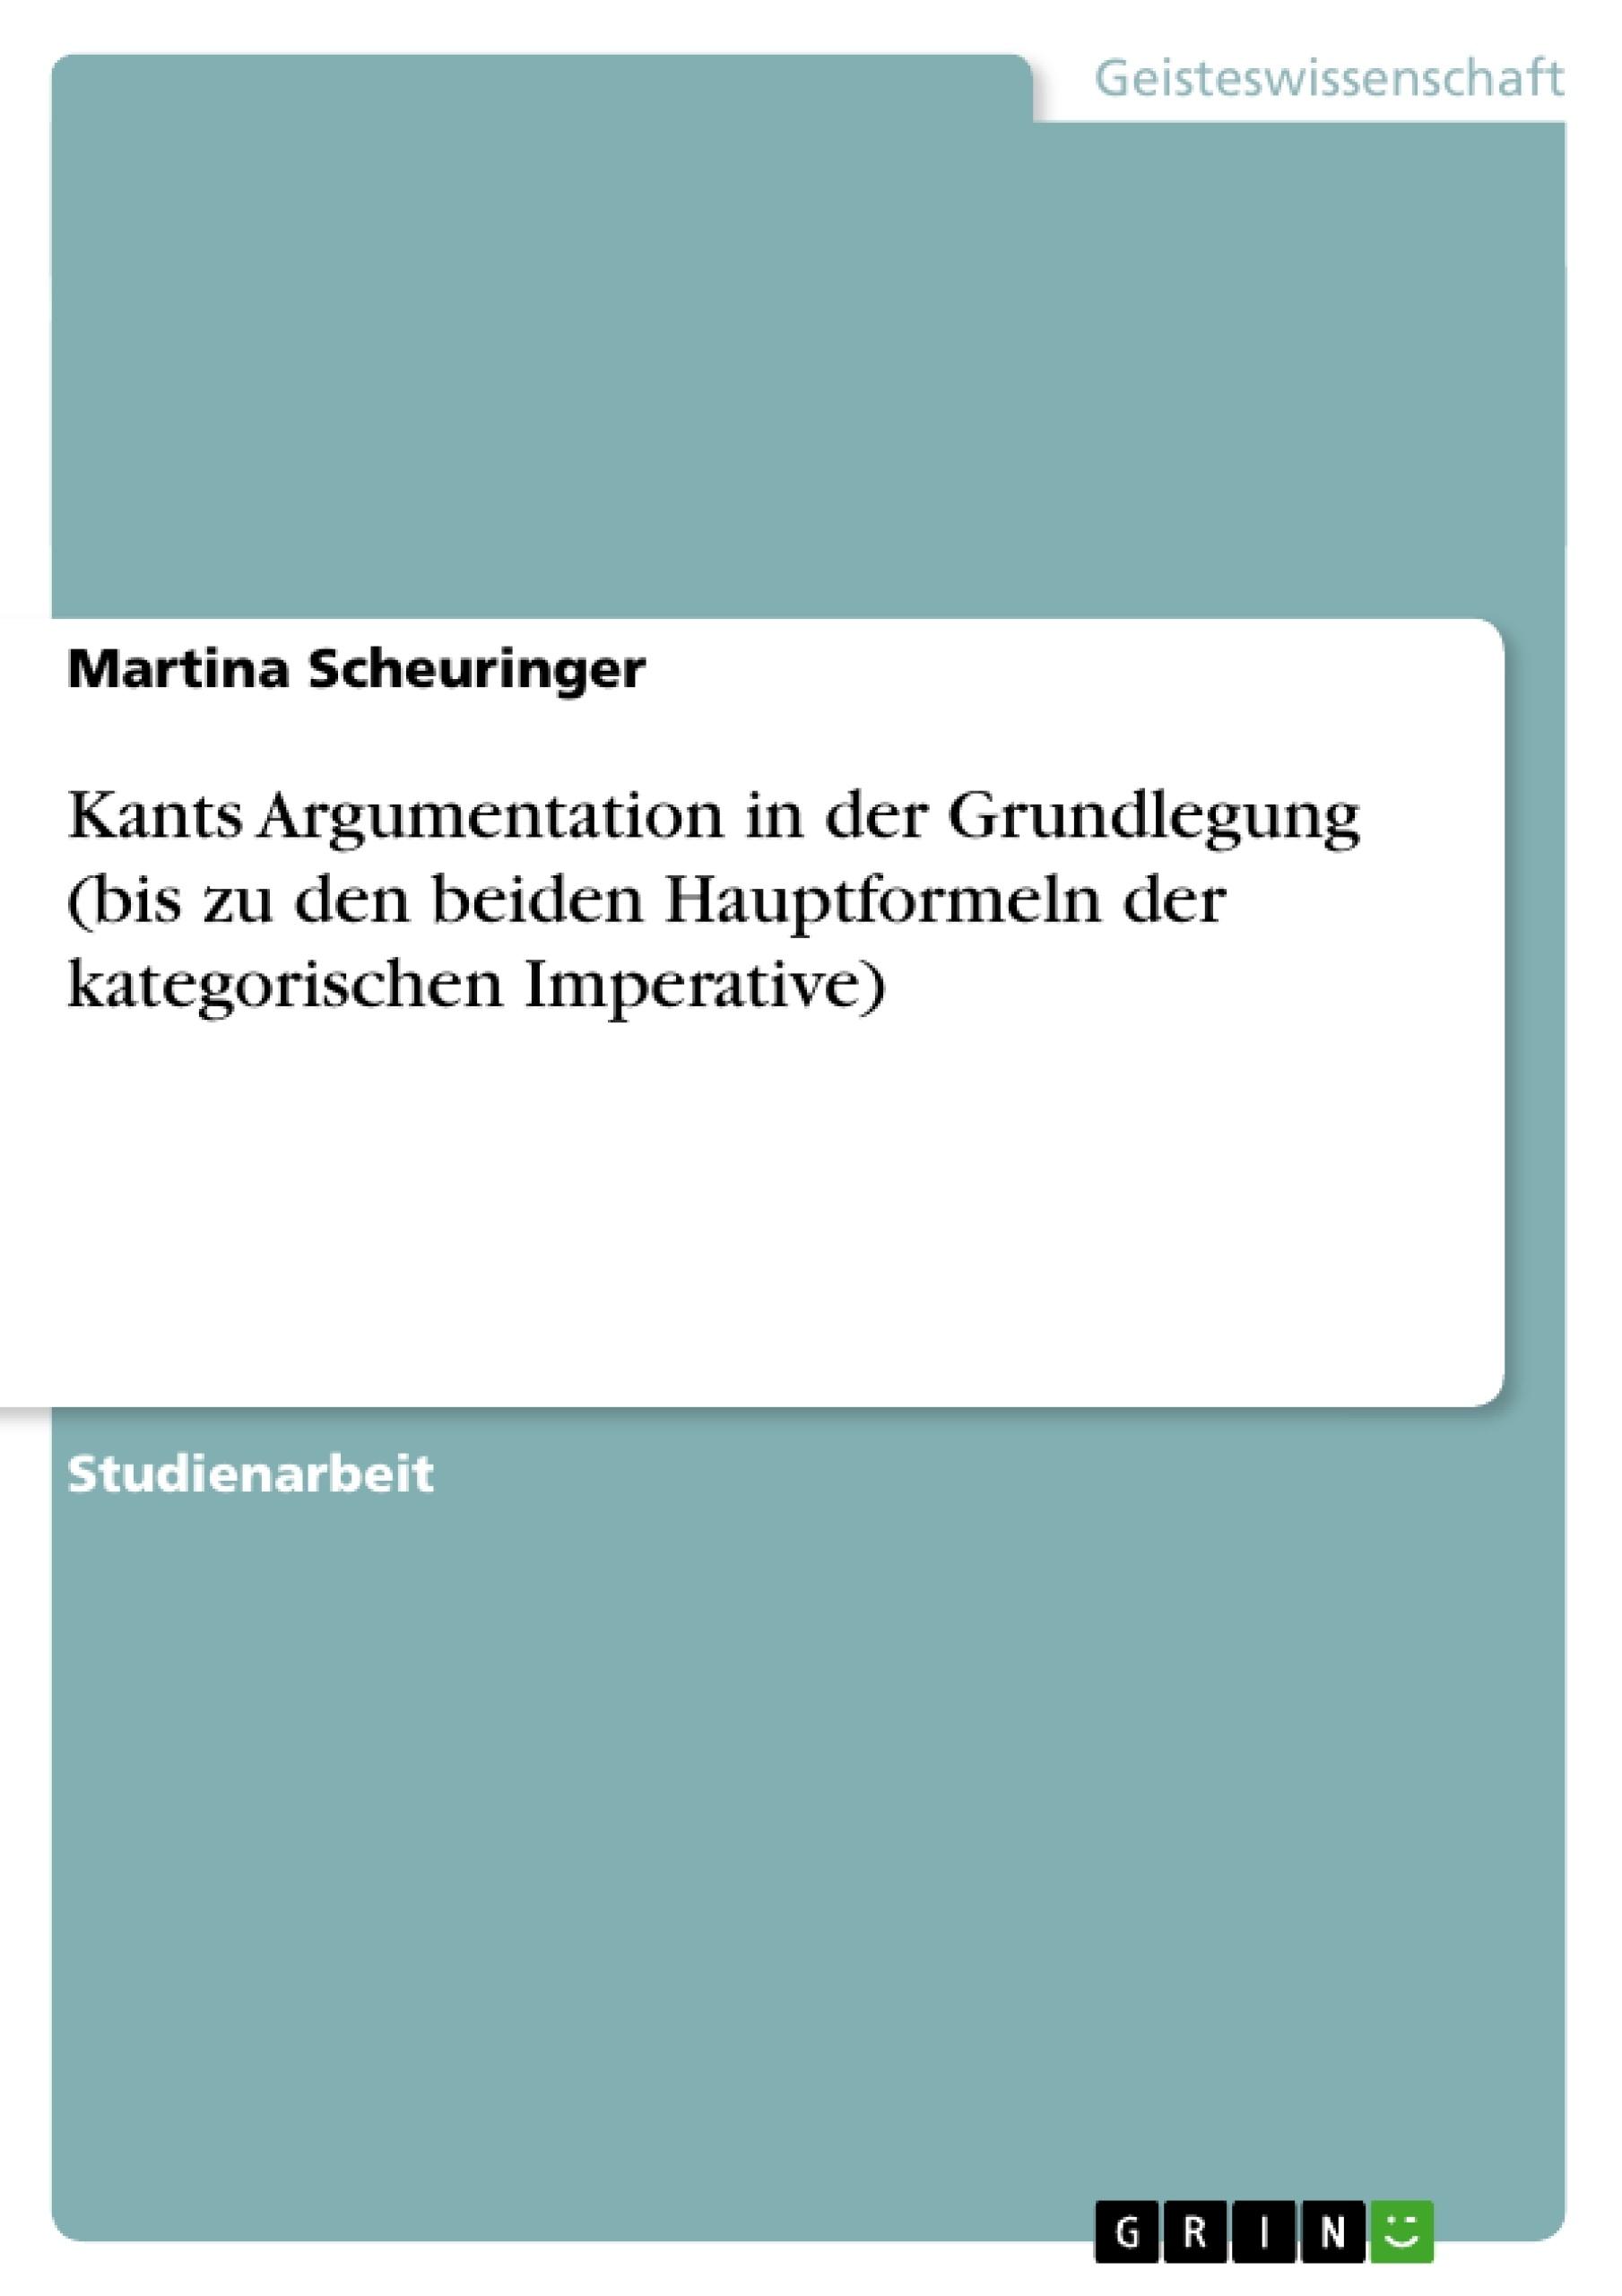 Titel: Kants Argumentation in der Grundlegung (bis zu den beiden Hauptformeln der kategorischen Imperative)